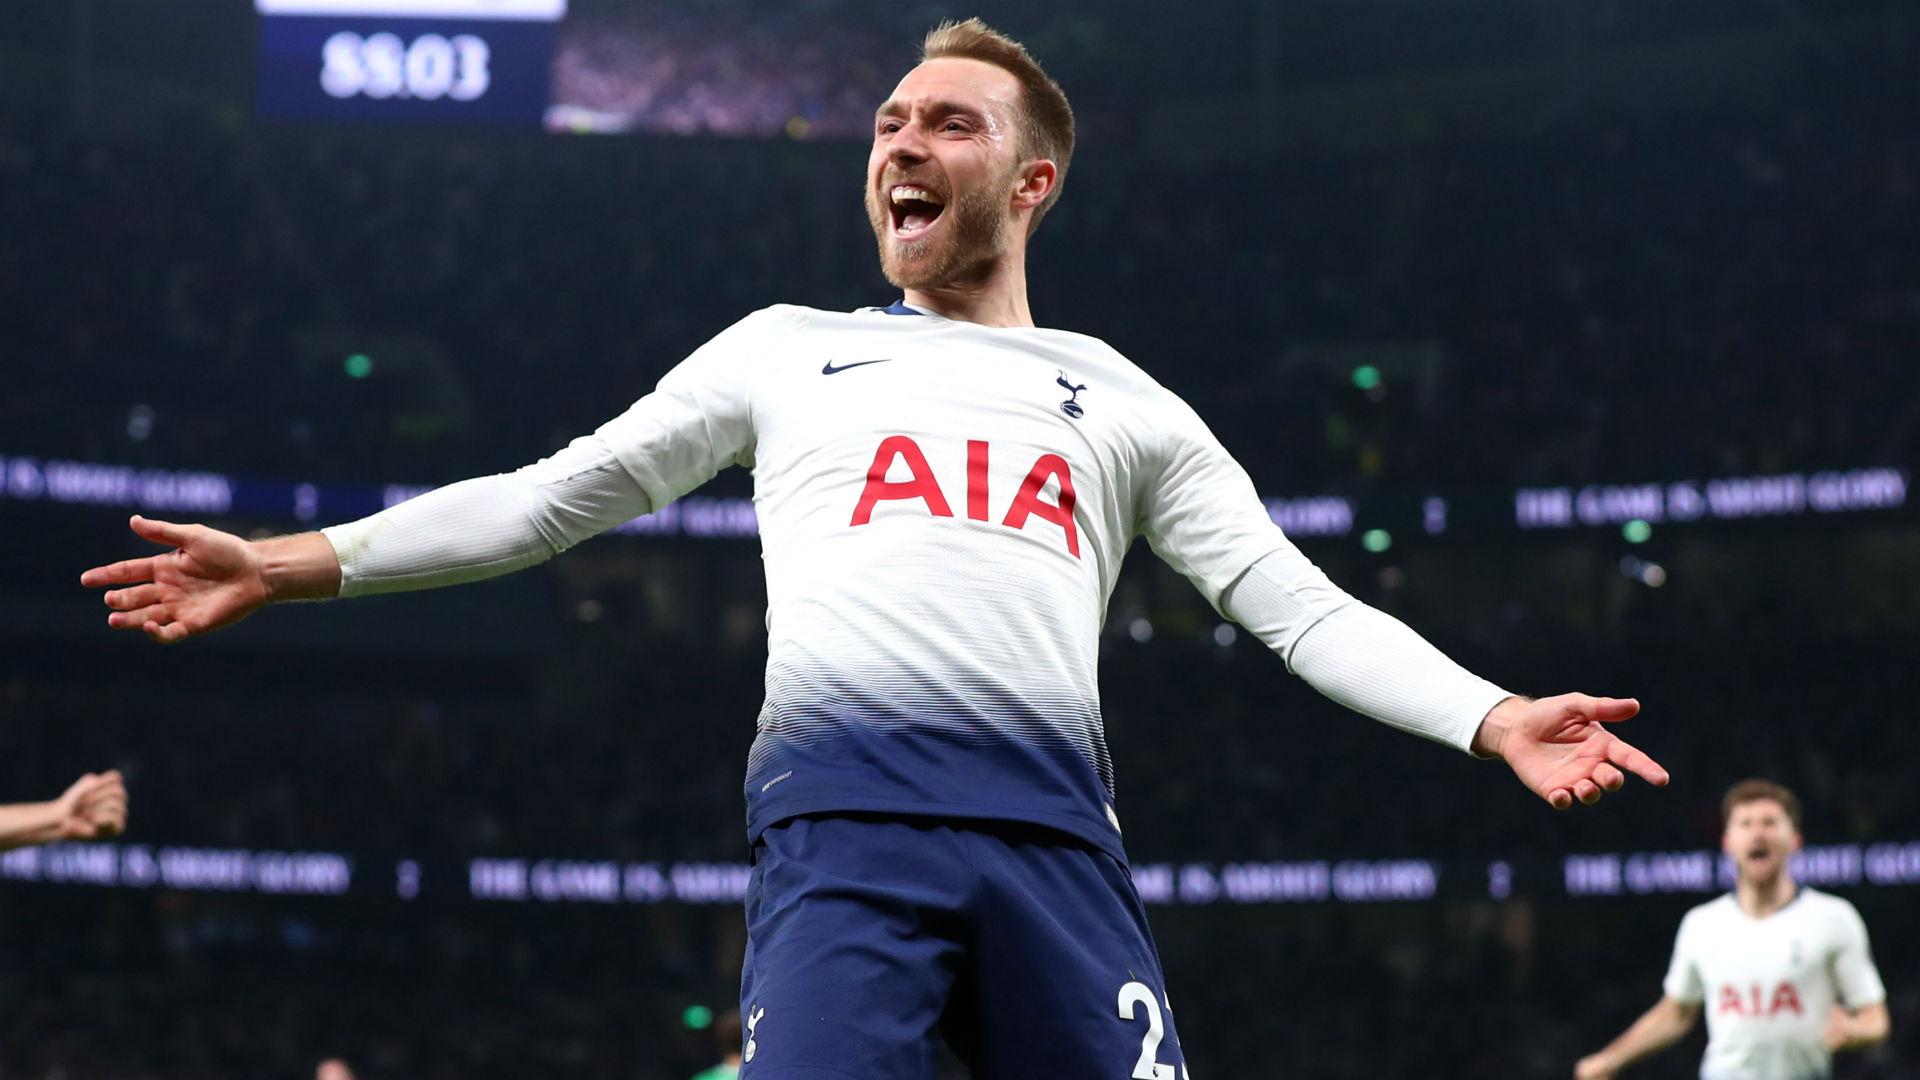 Vertonghen 'hopeful' Eriksen stays at Spurs amid Madrid links